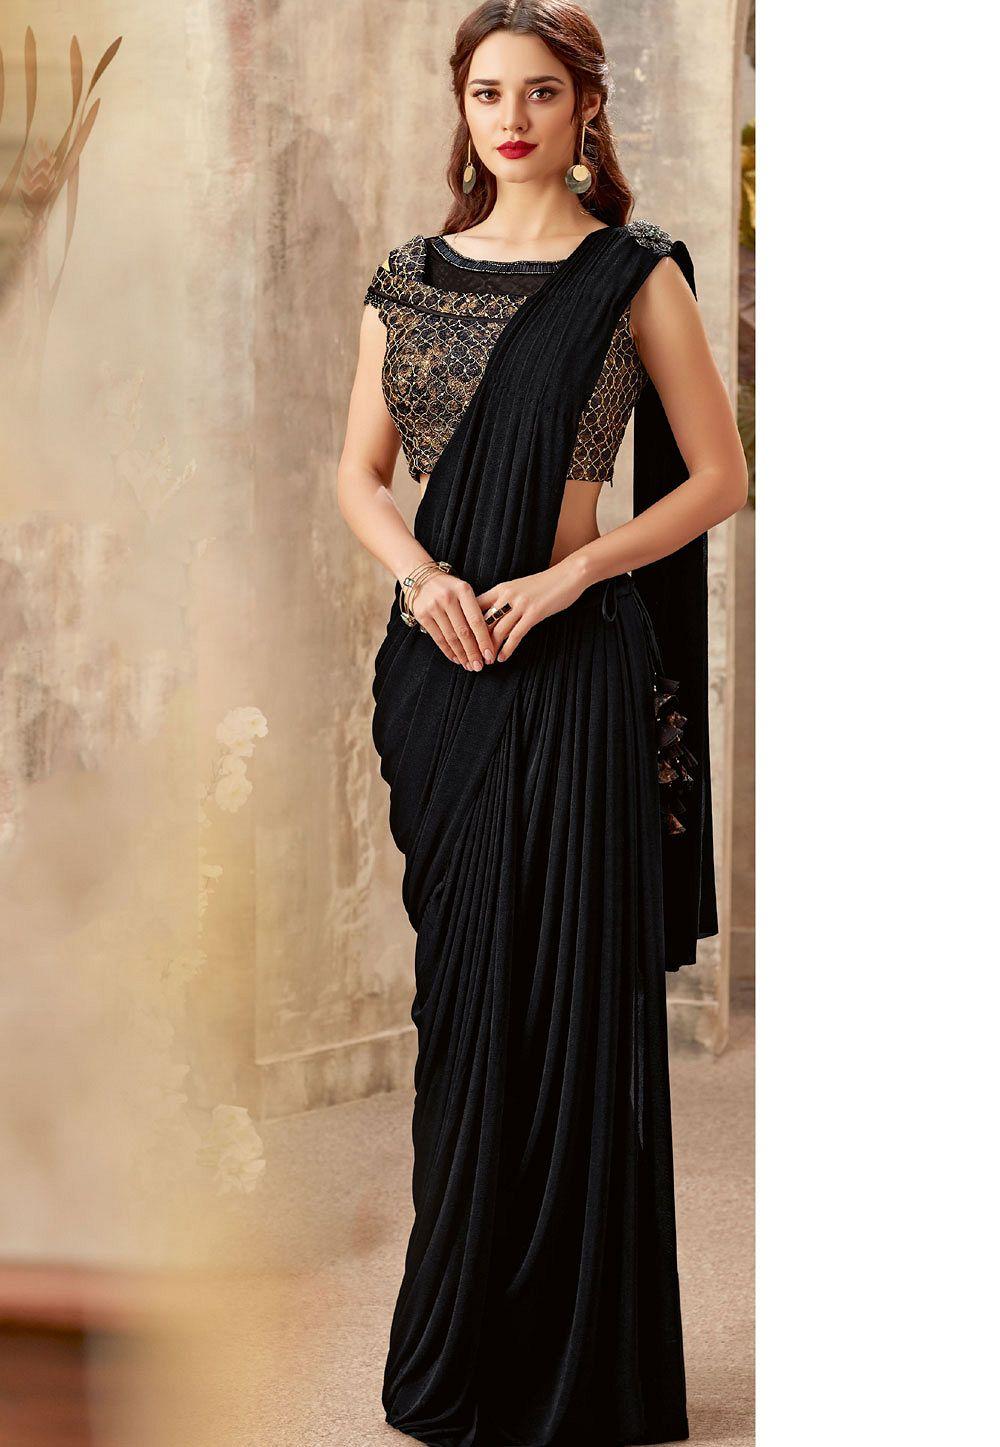 party sari dress